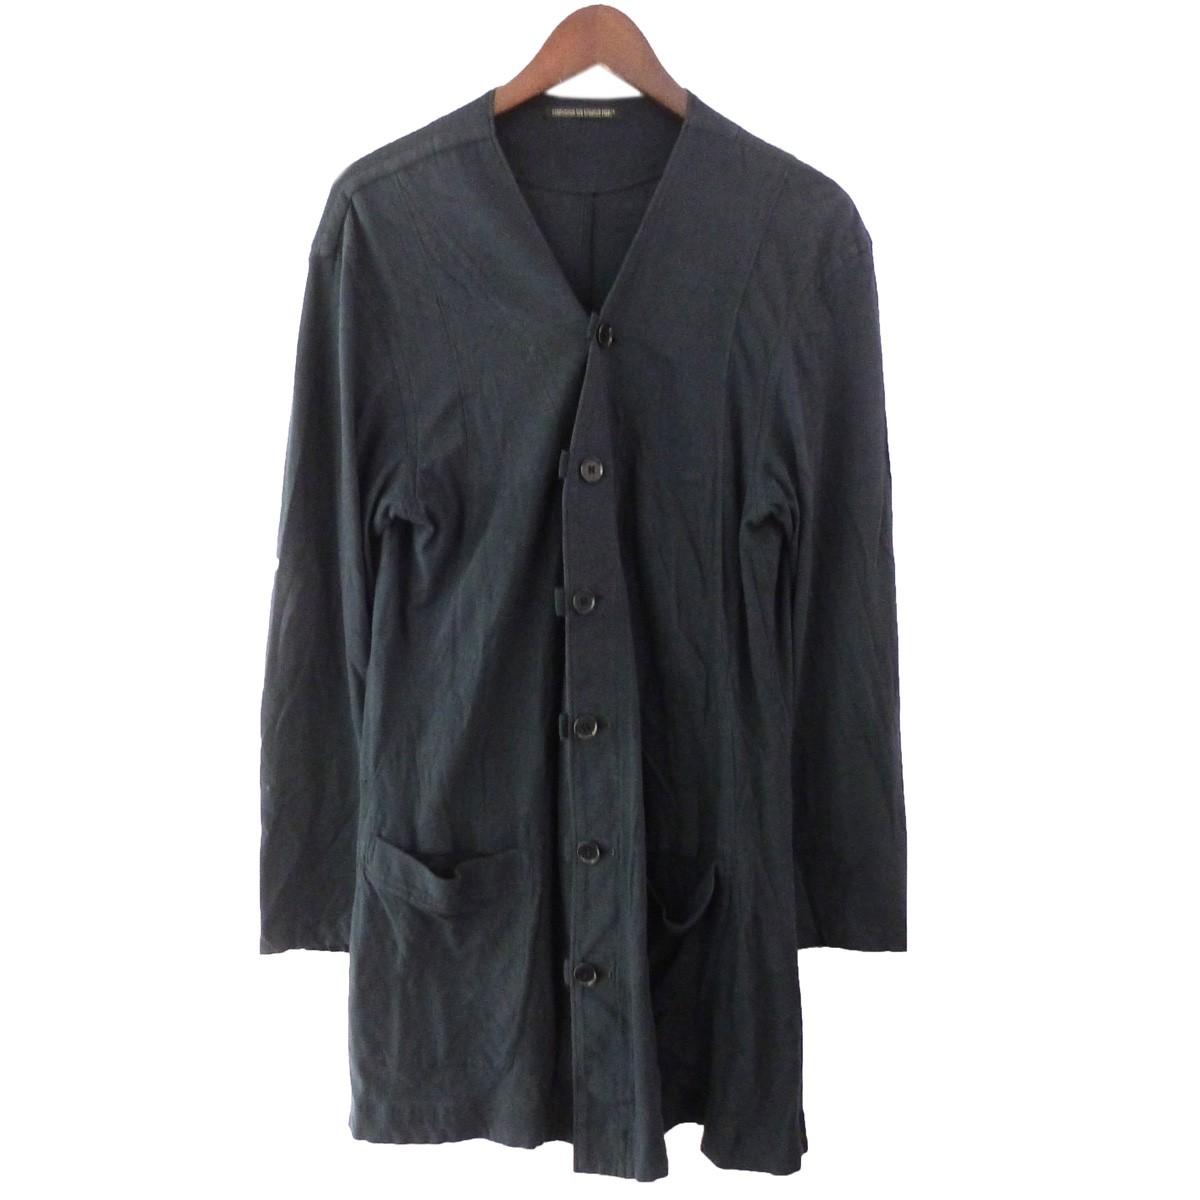 【中古】YOHJI YAMAMOTO pour homme袴ジャケット ブラック サイズ:2 【5月14日見直し】